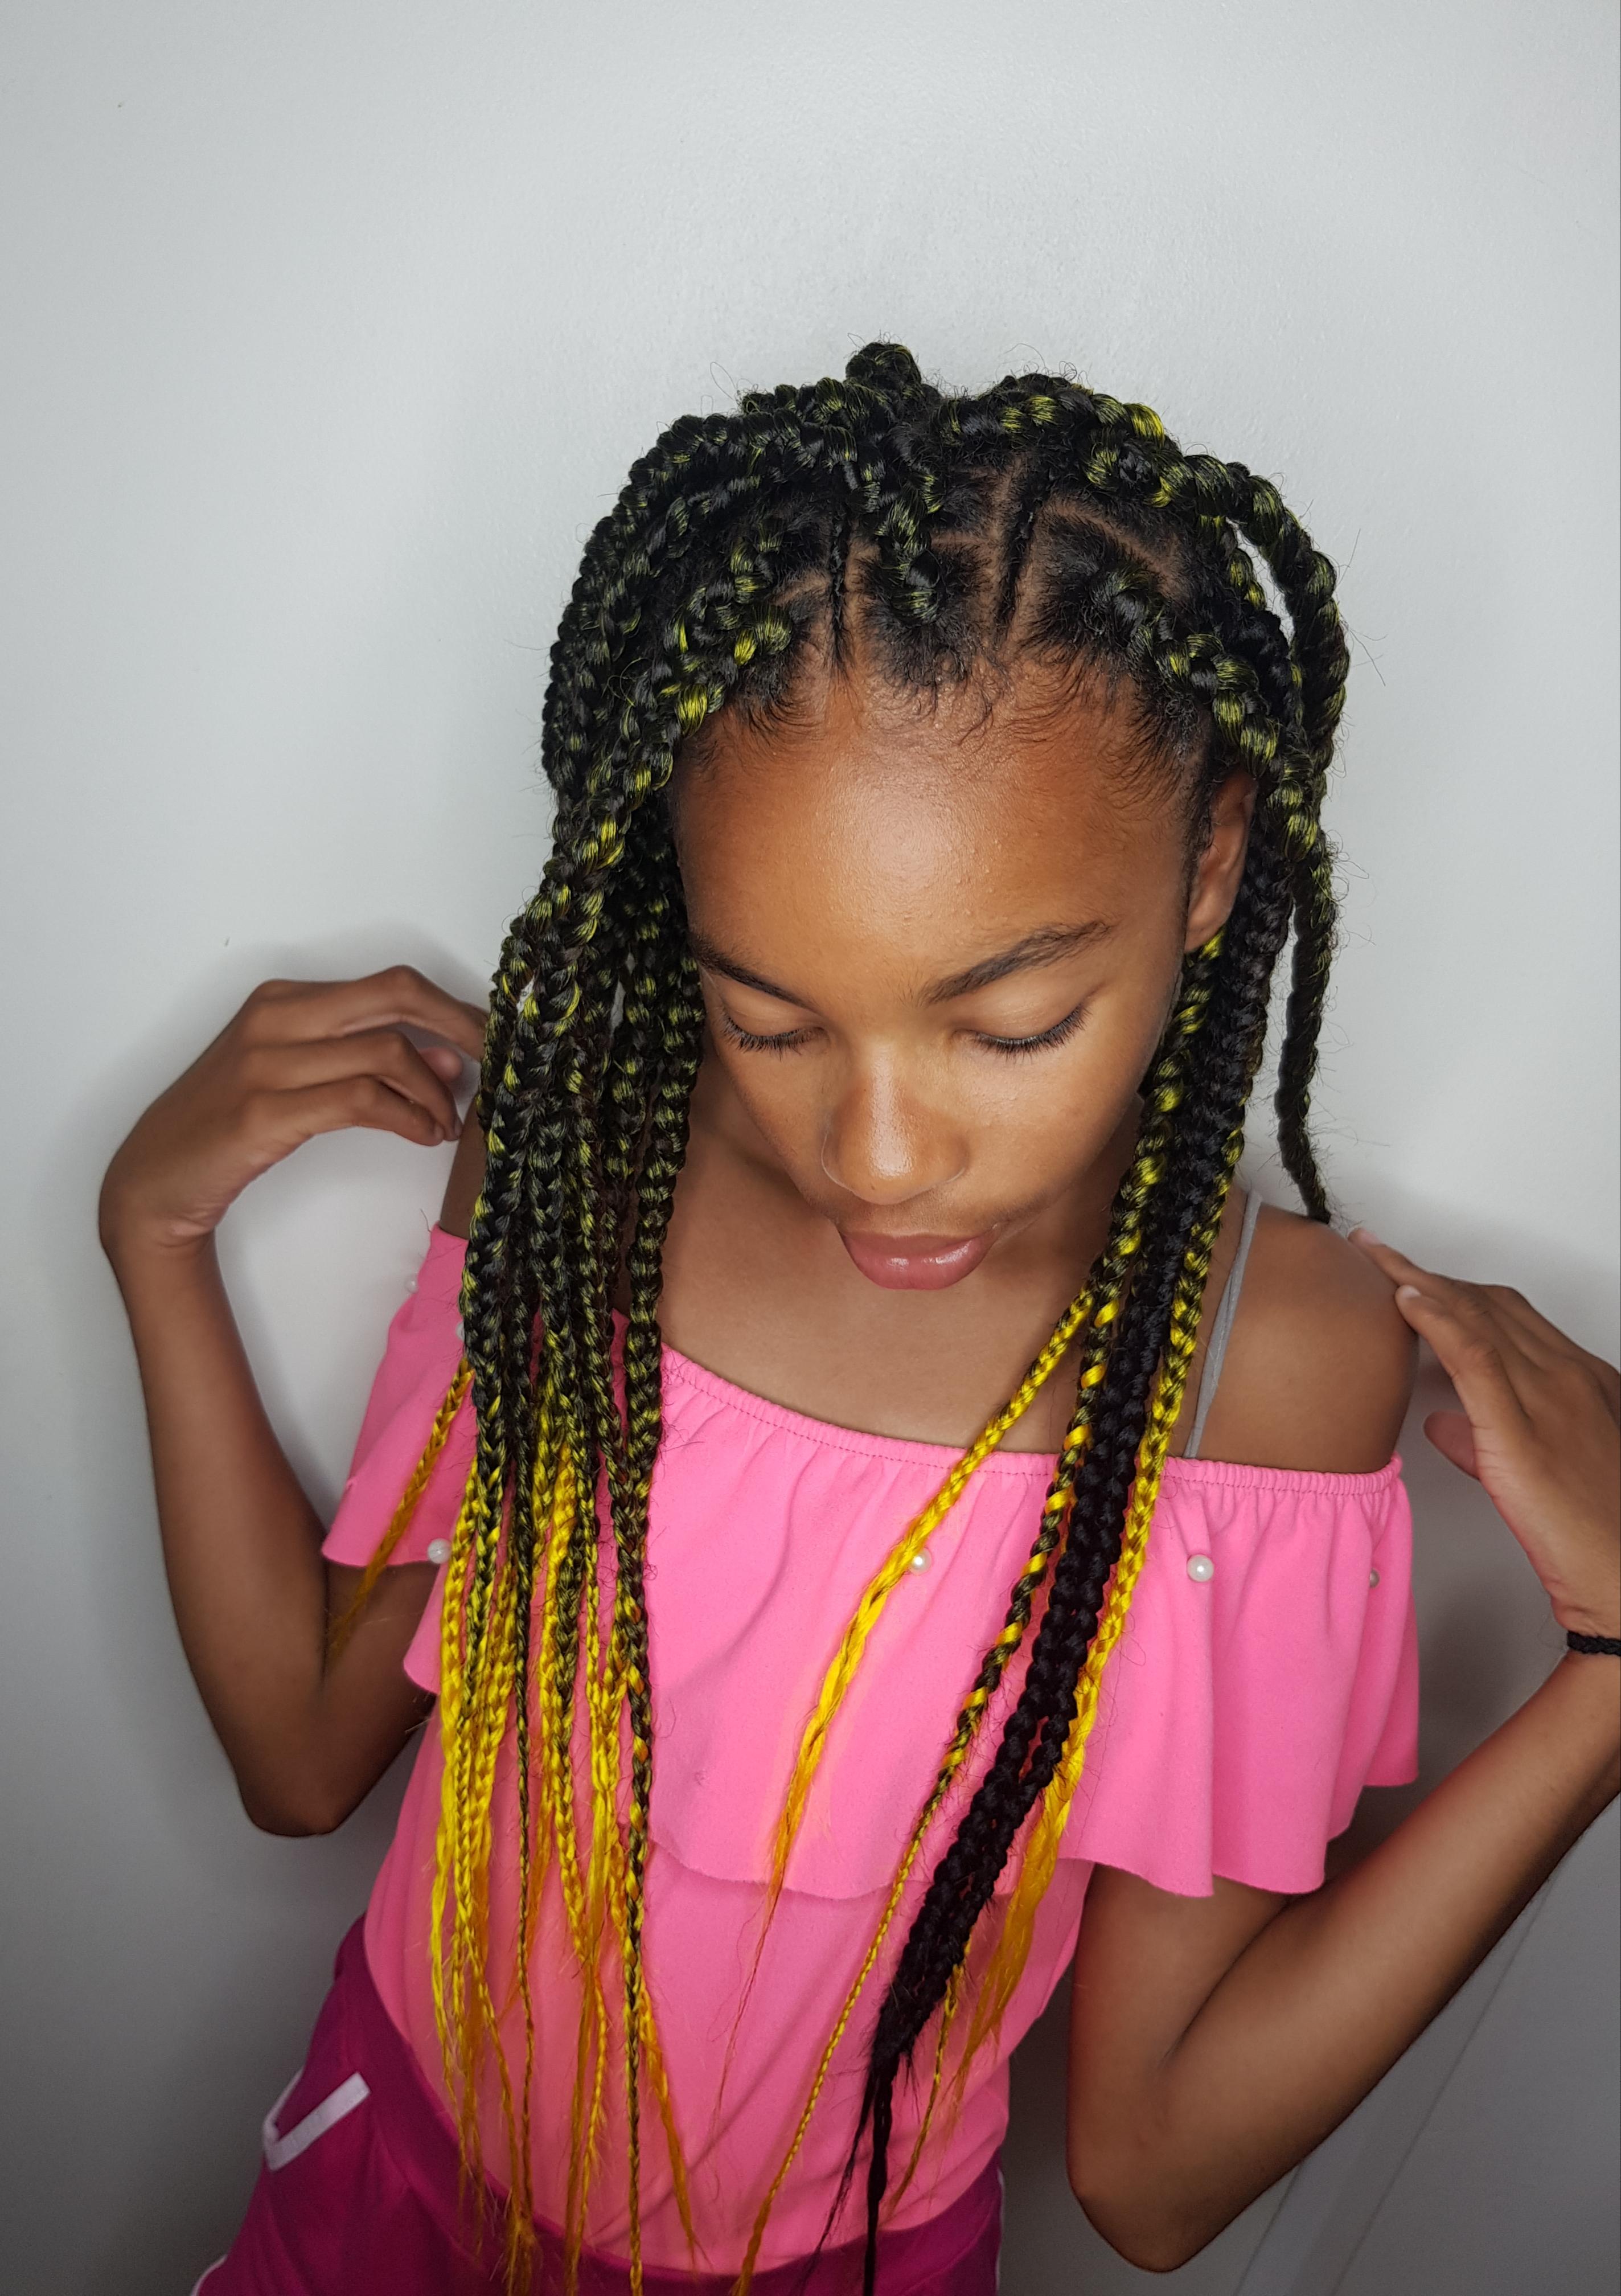 salon de coiffure afro tresse tresses box braids crochet braids vanilles tissages paris 75 77 78 91 92 93 94 95 WBJLUNDF